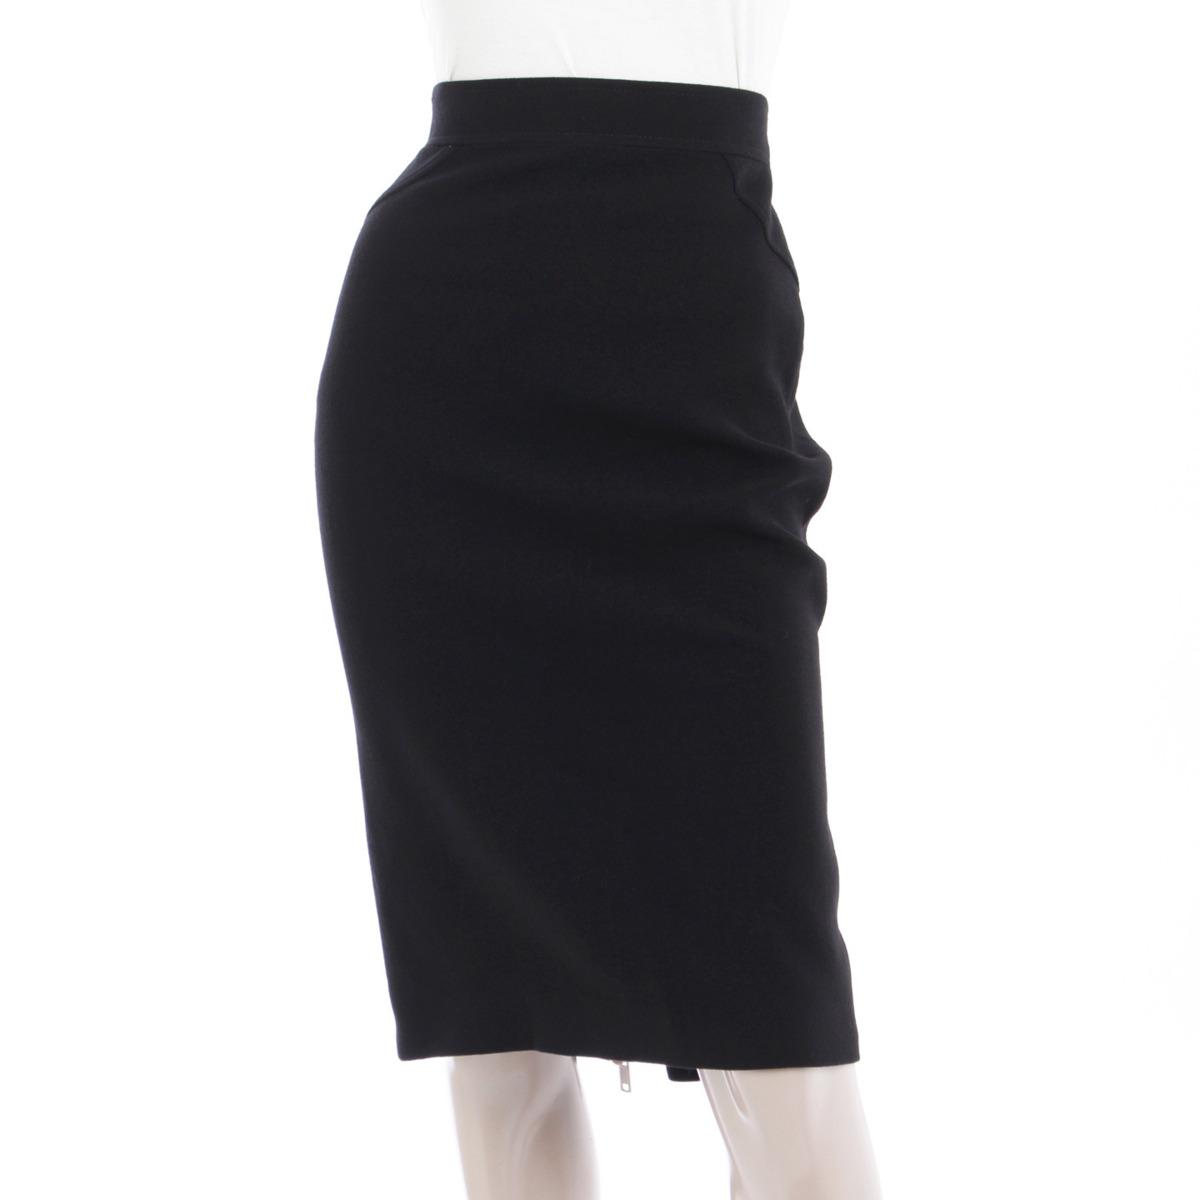 【ジバンシー】GIVENCHY 14AW ウールスカート ブラック 34 未使用【中古】【鑑定済・正規品保証】【送料無料】18190